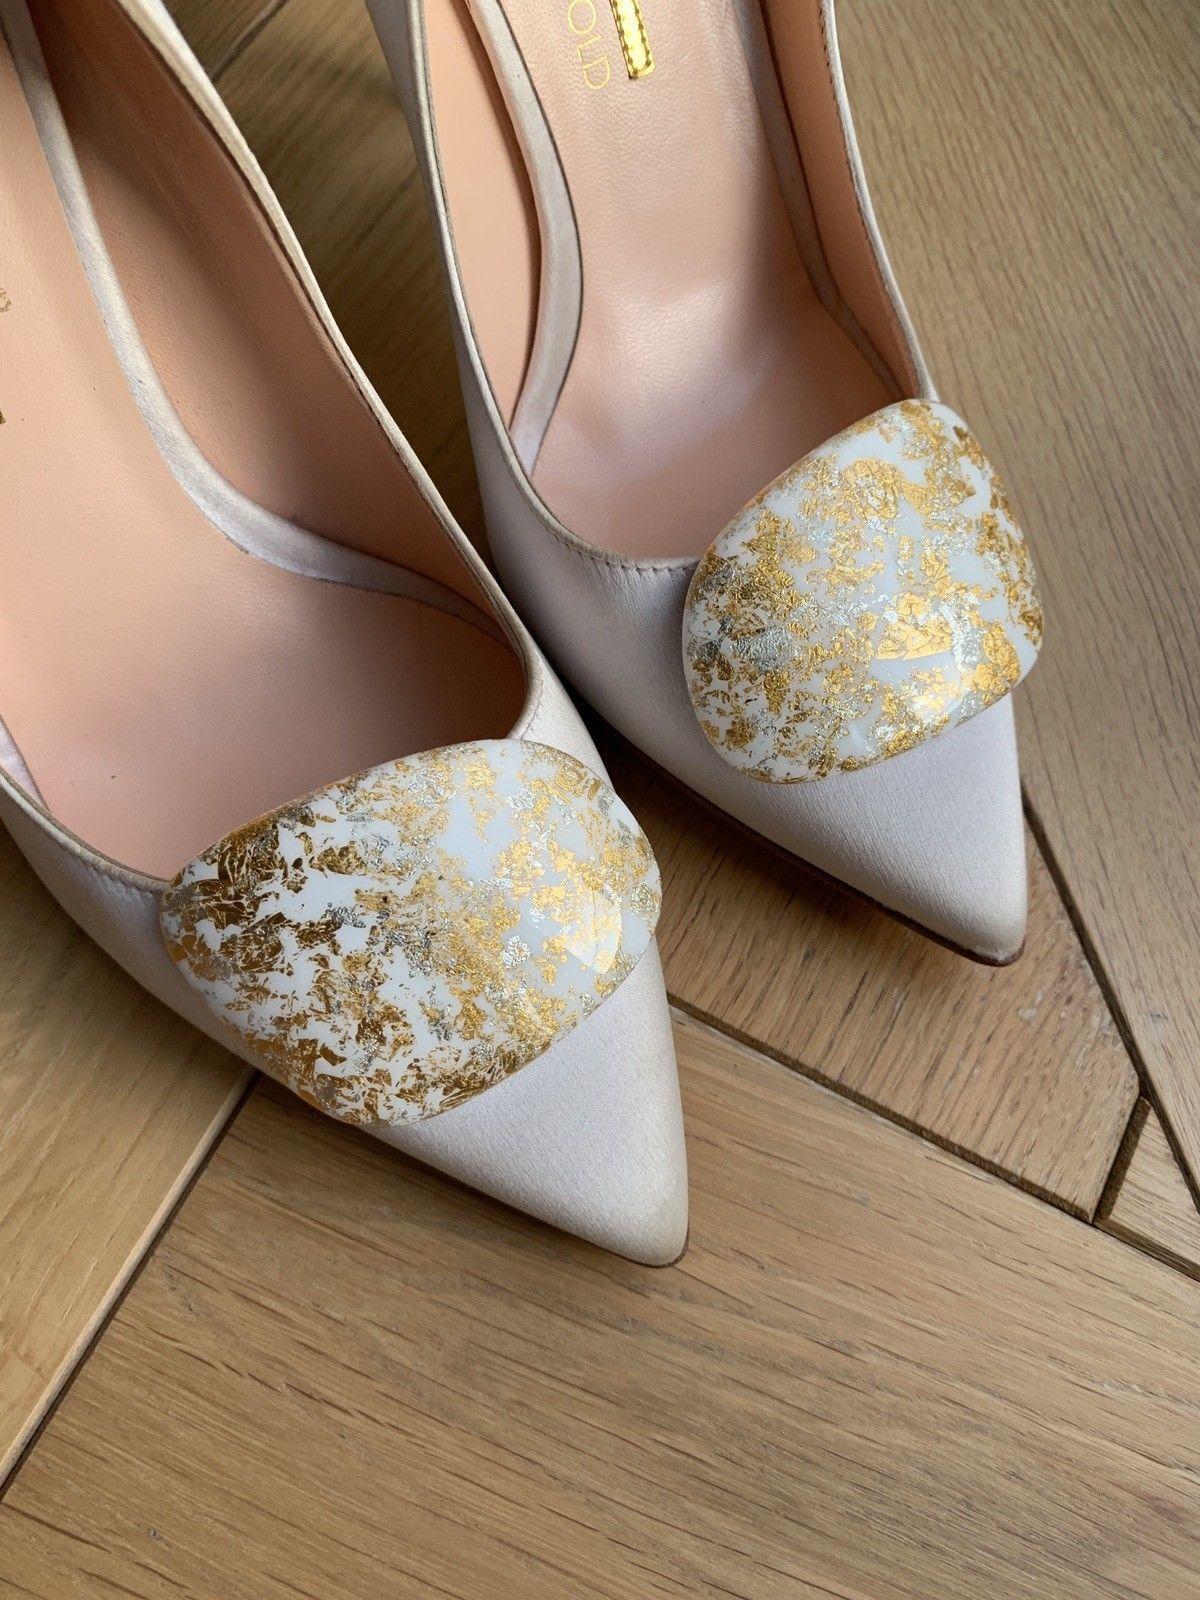 Rupert Sanderson calice white satin gold Splatter Pebble EU37 wedding